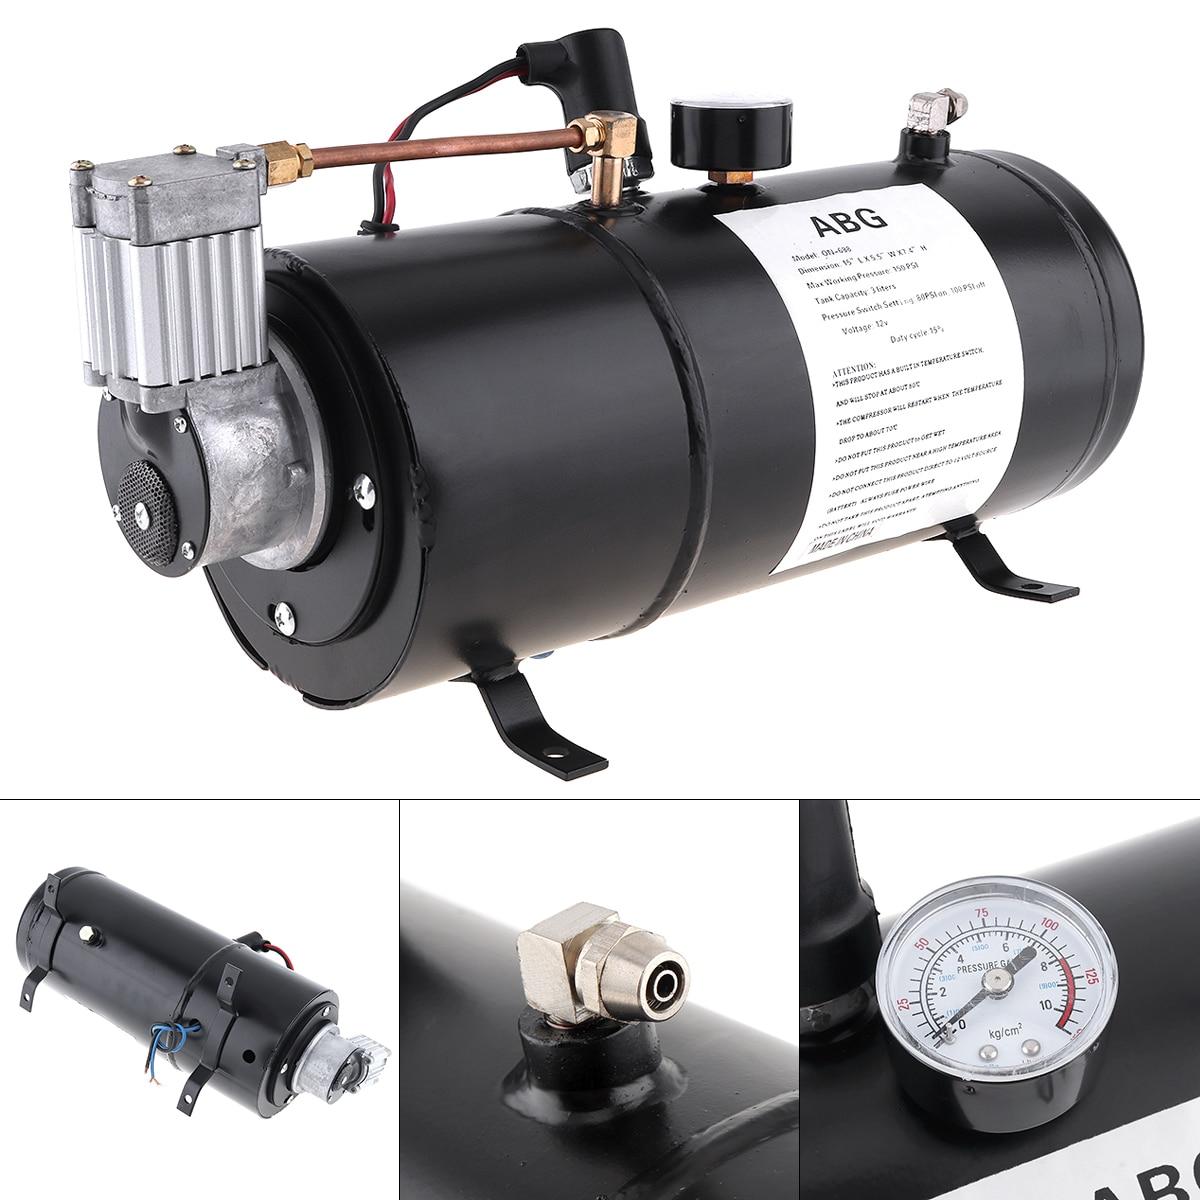 Uniwersalny 12V 125 PSI trąbka pneumatyczna zbiornik kompresora pompy multi-tone & Claxon rogi dla pociągu Auto samochód ciężarówka łódź motocykl